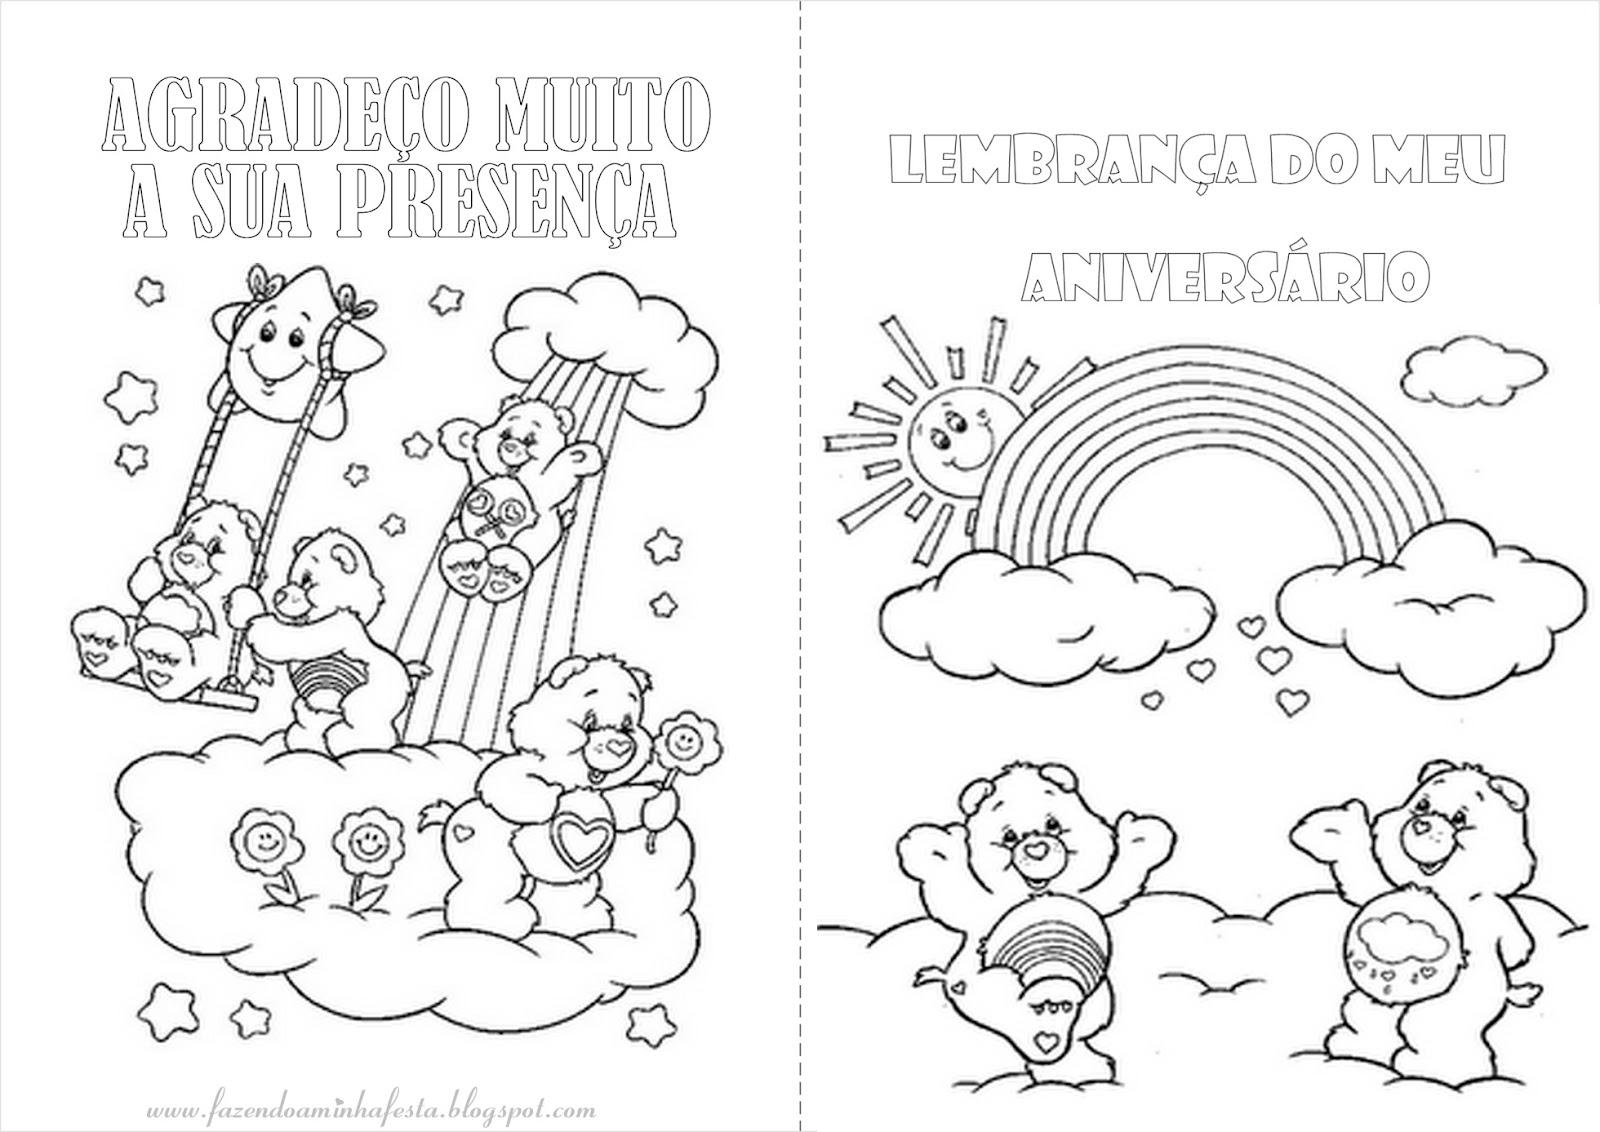 imagens para colorir dos ursinhos carinhosos - Ursinhos carinhosos Jogos de Colorir e Pintar